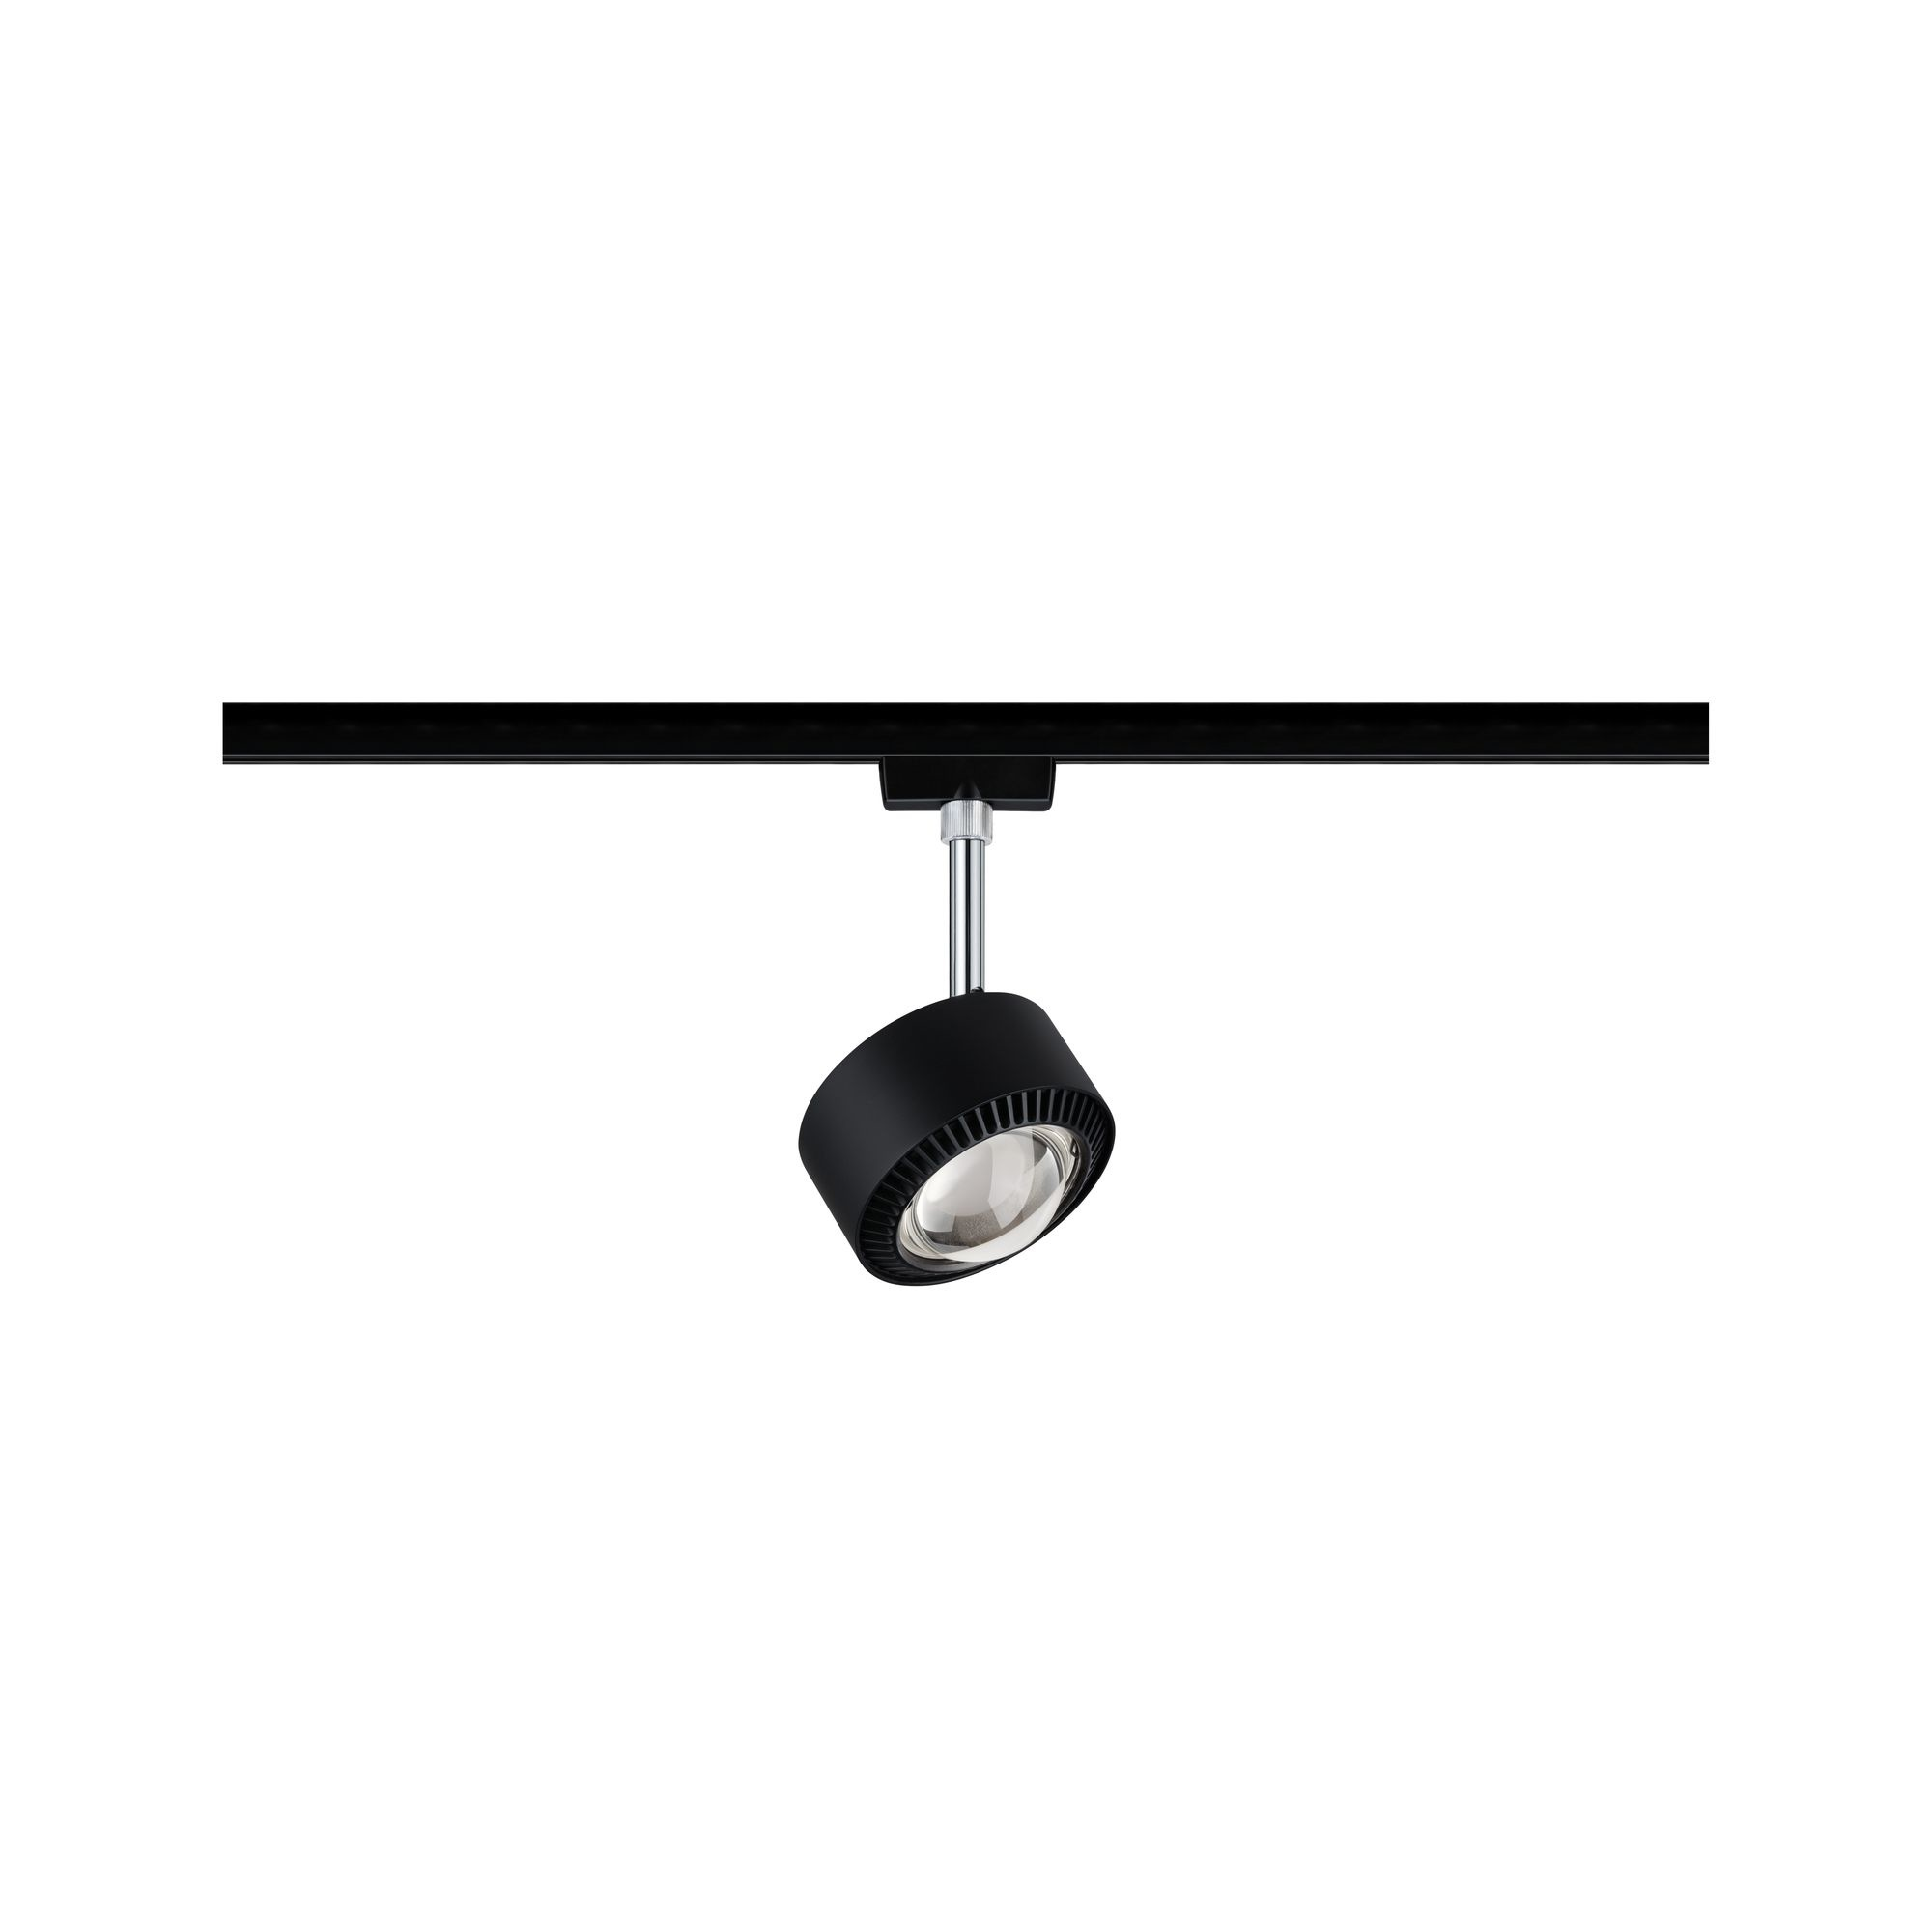 Paulmann URail Spot Aldan 1x9W Schwarz matt/Chrom 230V Met/Kst 2700K dimmbar